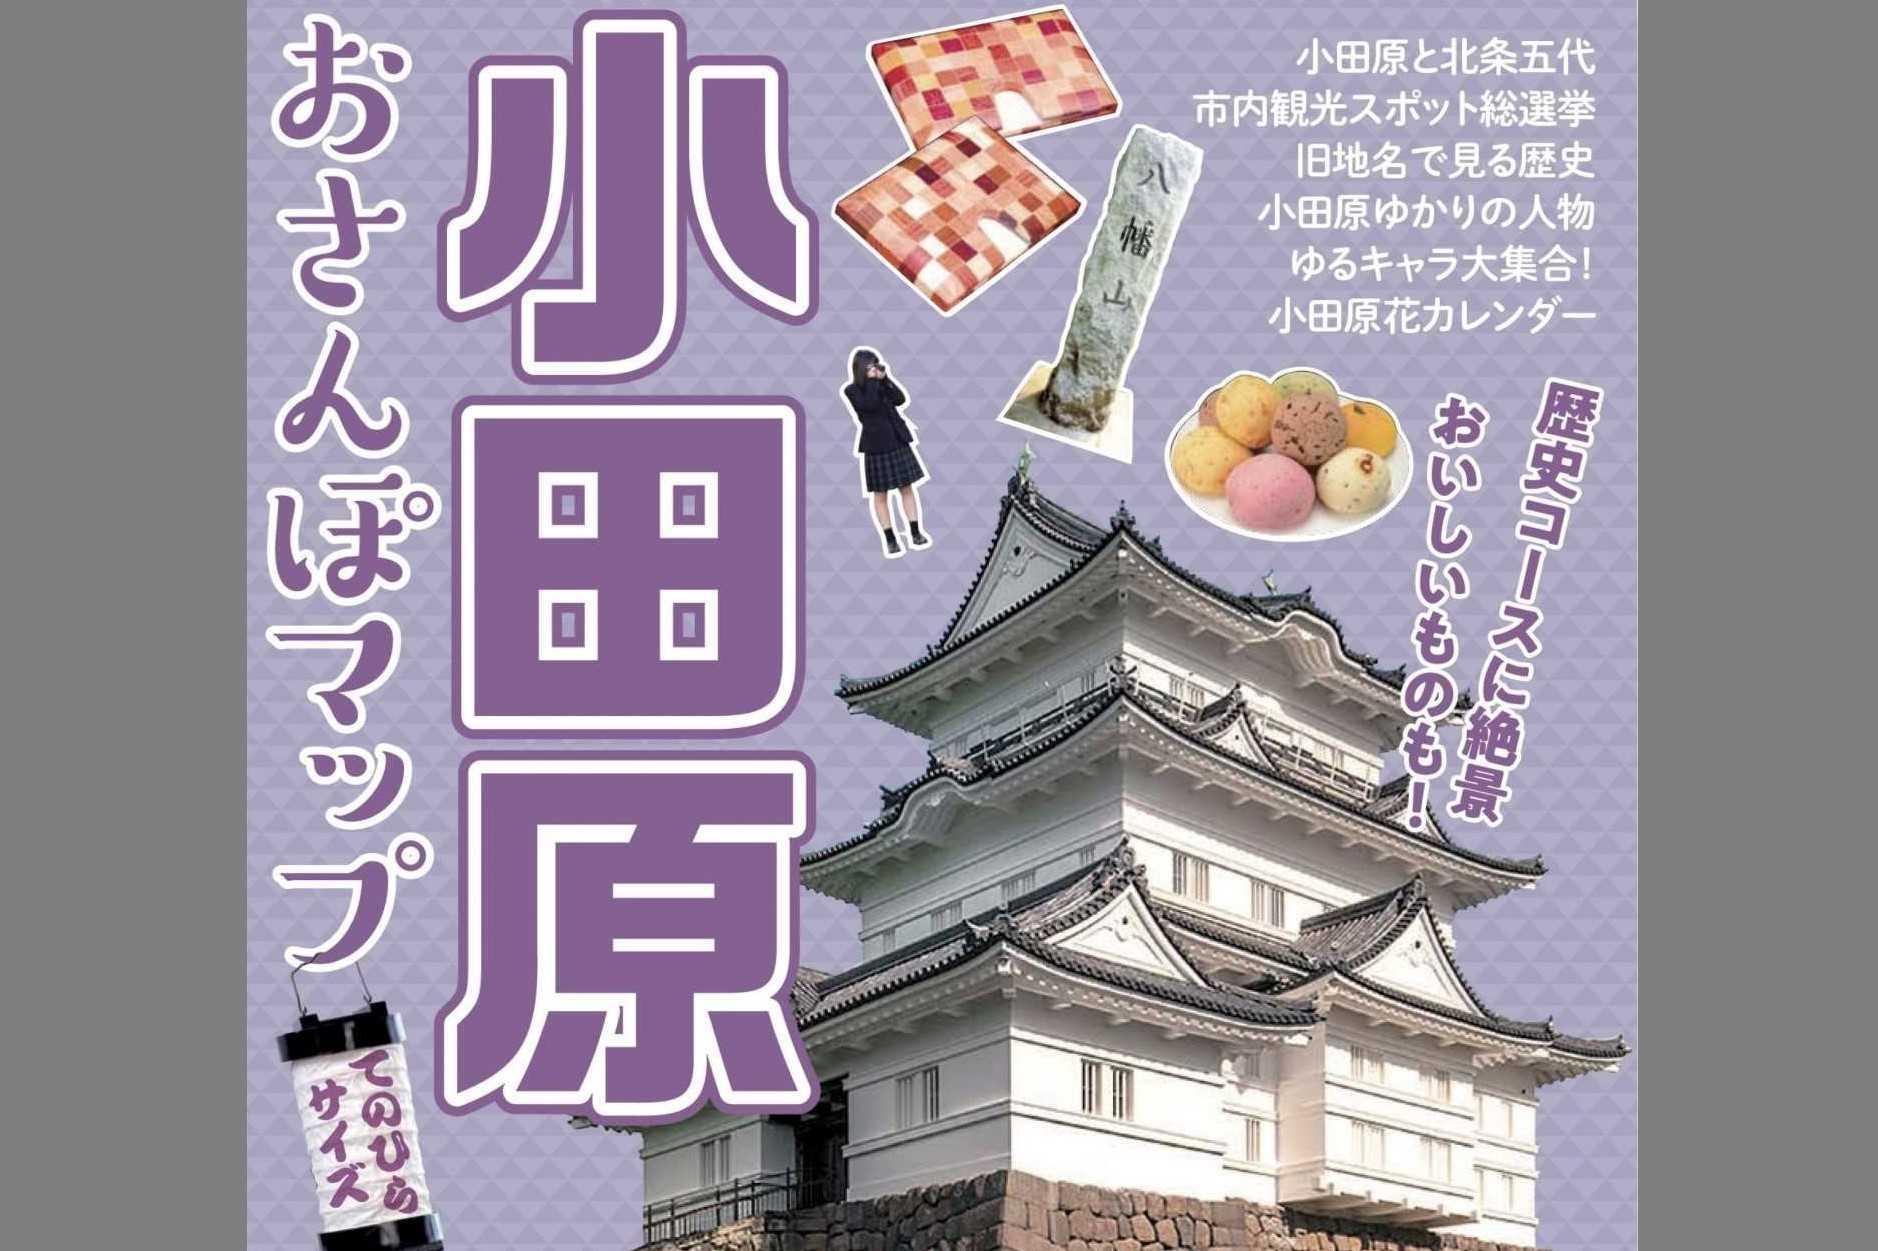 """Book """"Odawara walk map"""" beginning to sell"""